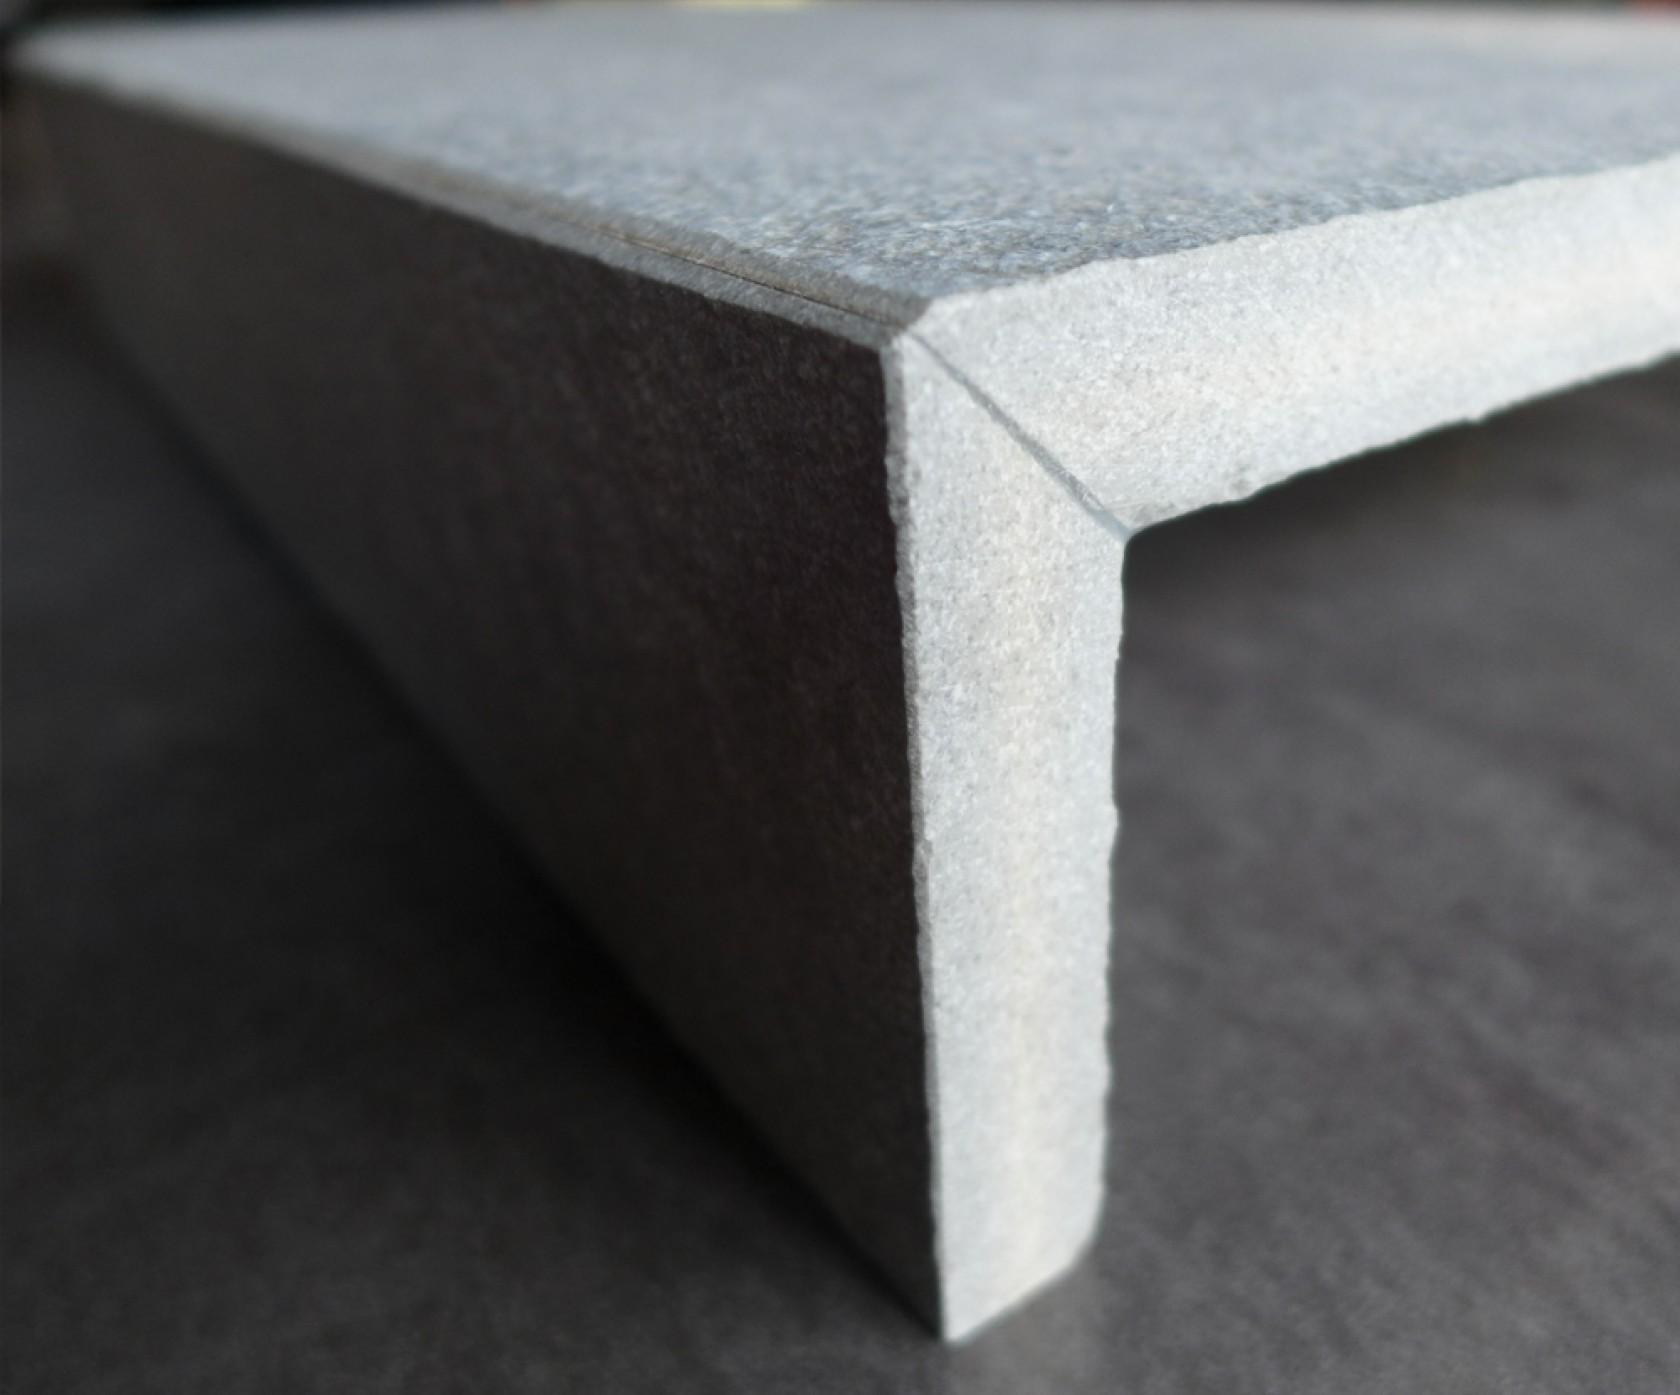 Boceram d coupe carrelage et fa onnage pierre naturelle for Carrelage epaisseur 3 mm